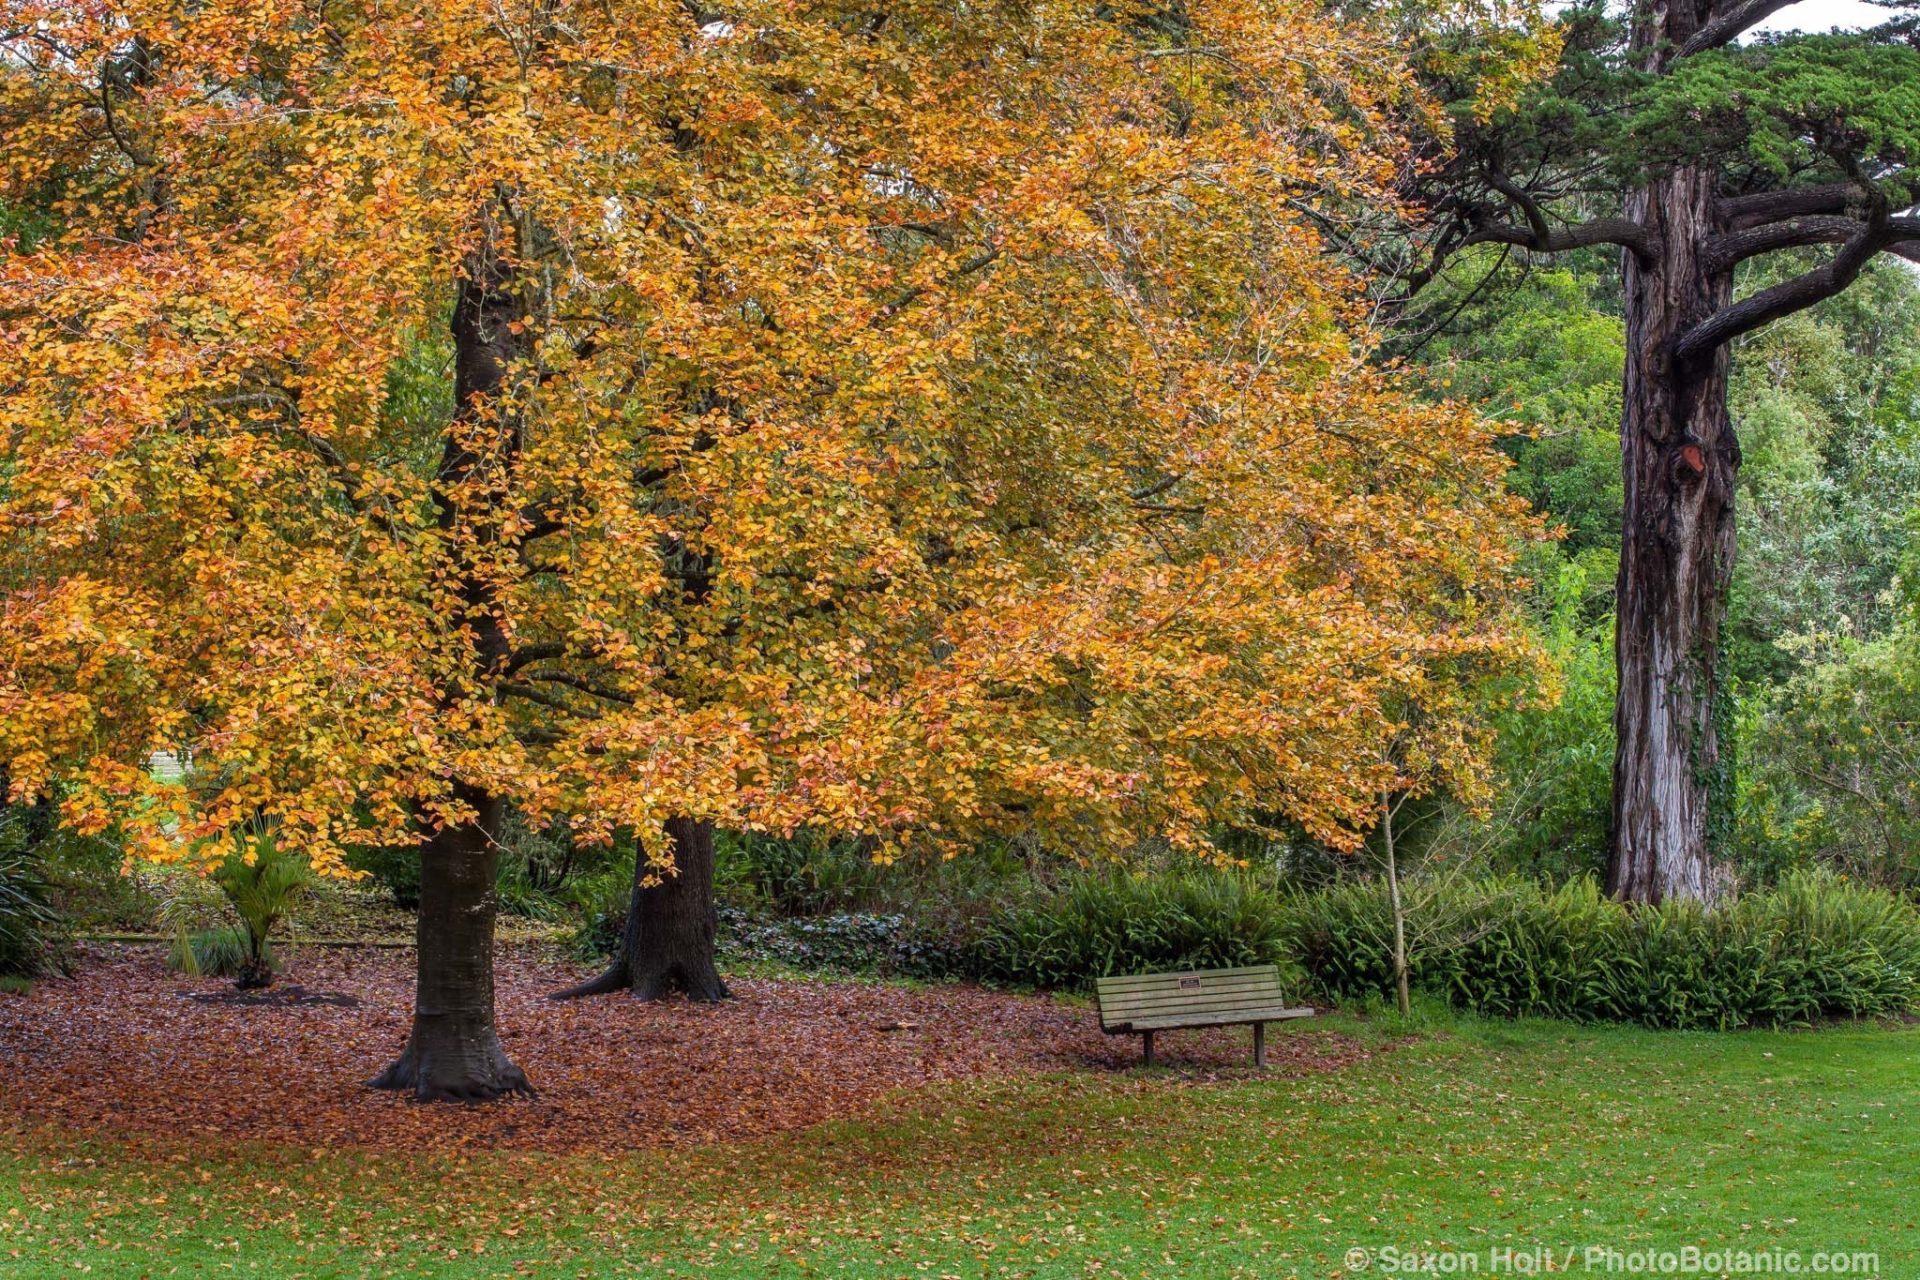 Fagus sylvatica 'Atropunicea' (syn 'Purpurea') - Copper Beech tree, fall color in San Francisco Botanical Garden